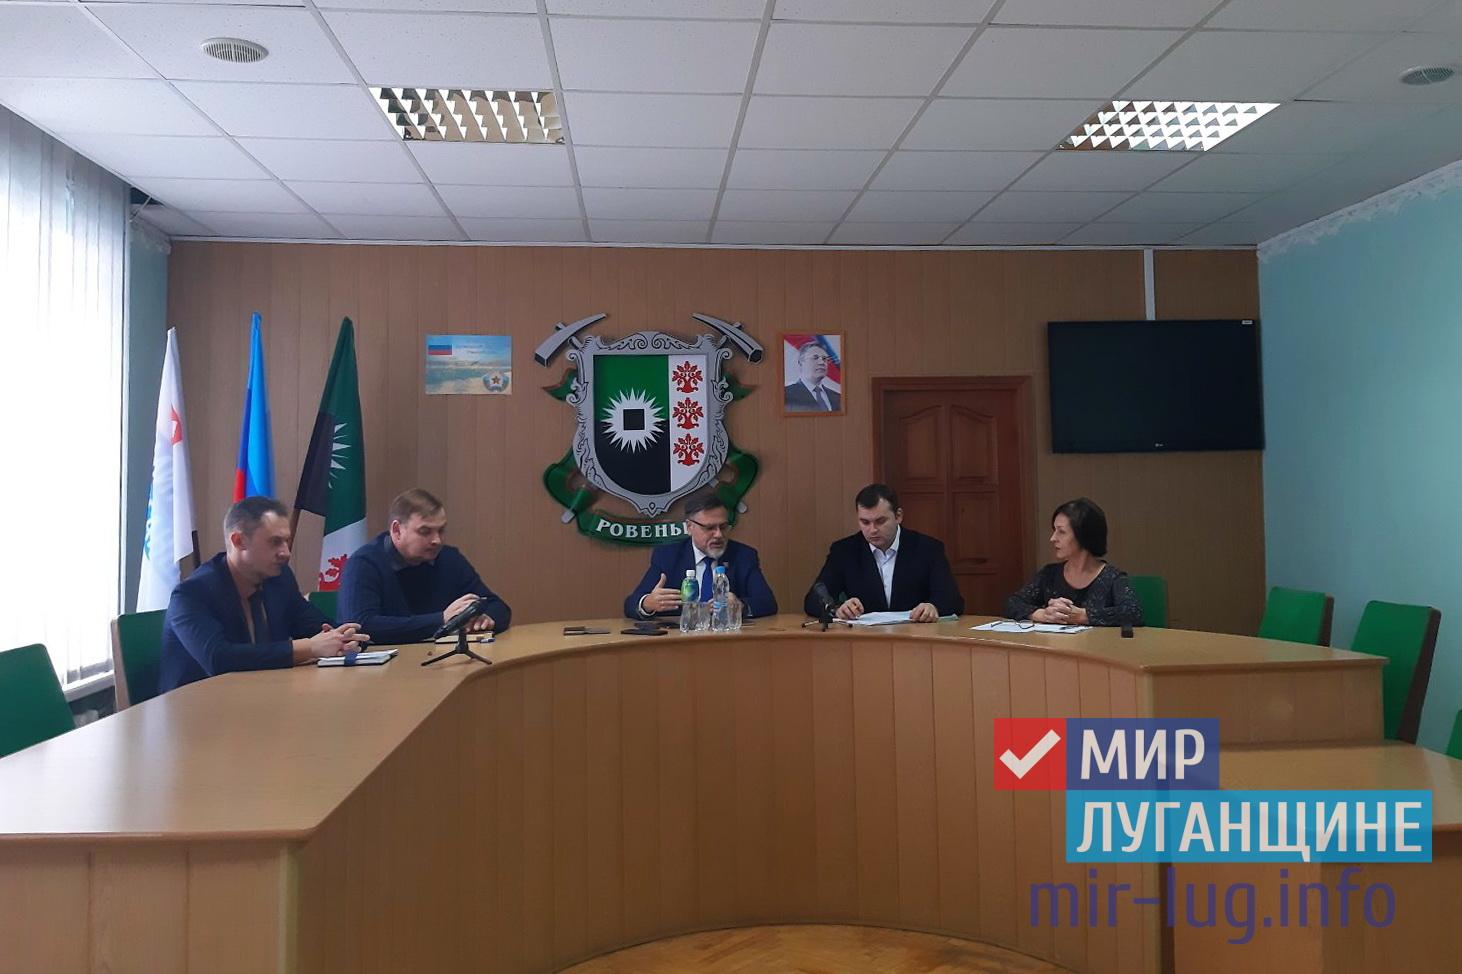 Министр иностранных дел ЛНР провёл выездной приём в Ровеньках 1